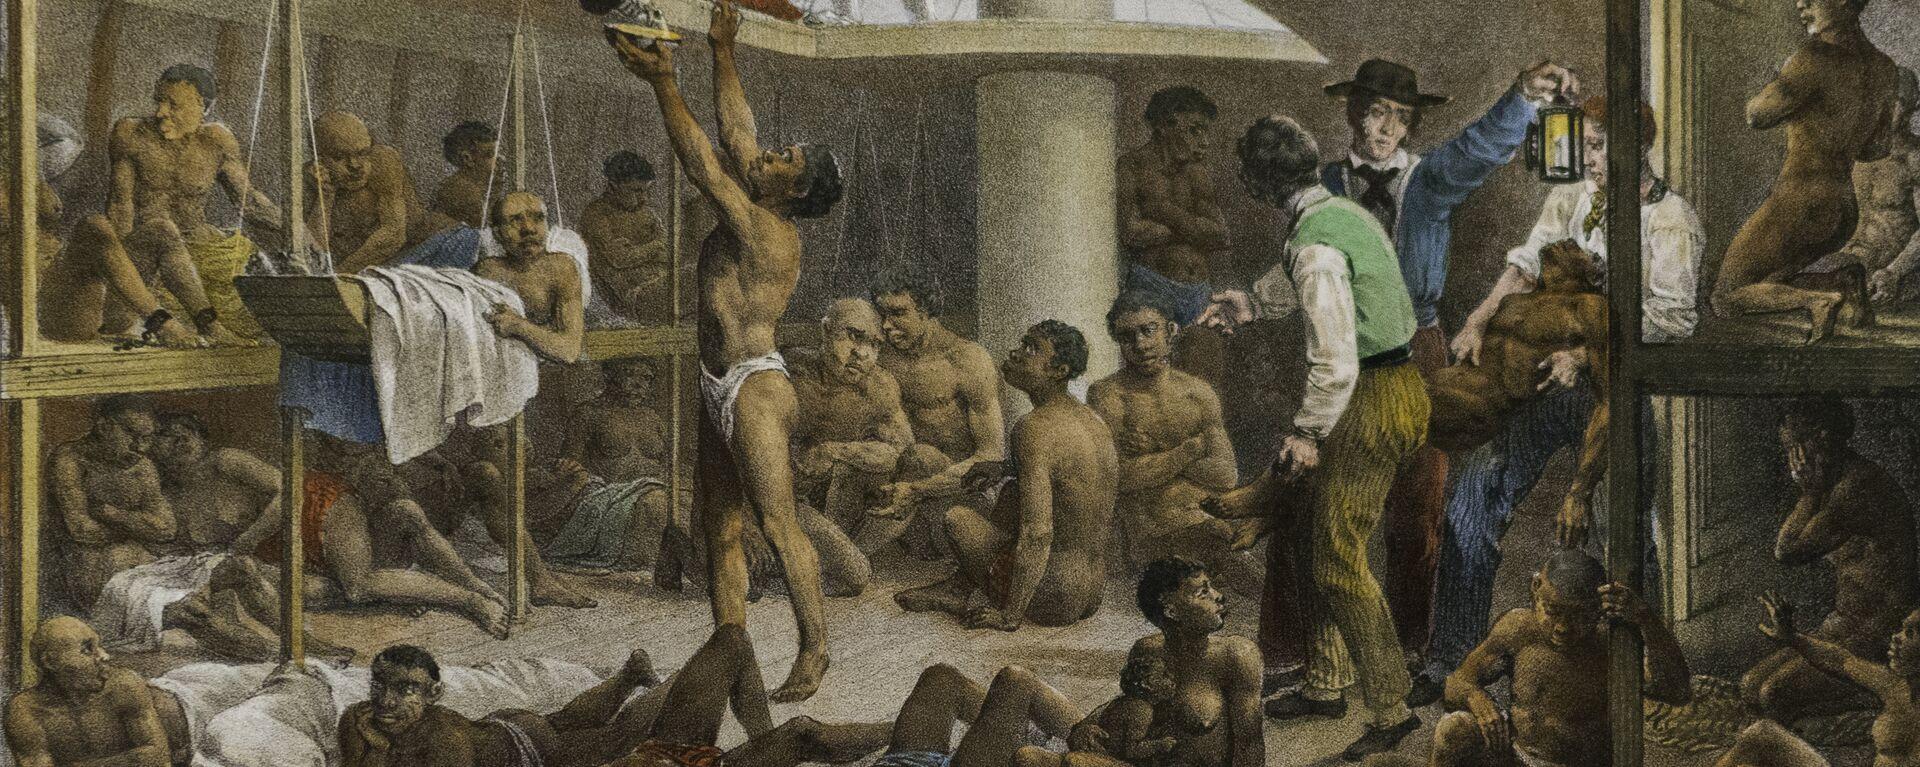 Navío negrero, cuadro del pintor alemán Johann Moritz Rugendas de 1830 que retrata las condiciones con las que se llevaba a los esclavos de África a las colonias de América - Sputnik Mundo, 1920, 05.05.2021